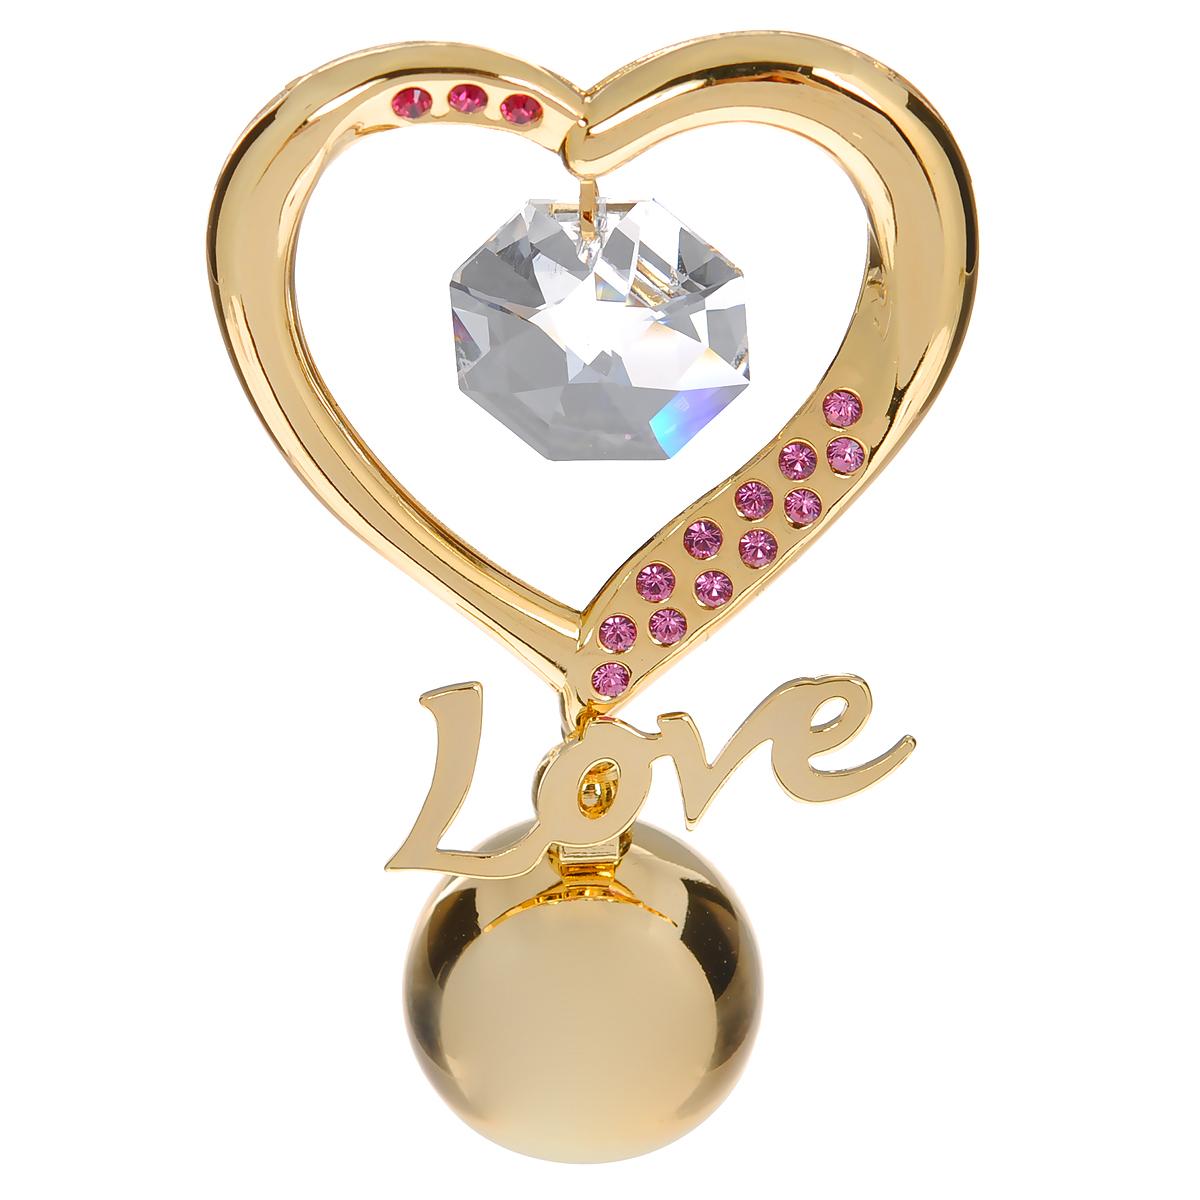 Фигурка декоративная Сердце, цвет: золотистый, розовый. 6719167191Притягательный блеск и невероятная утонченность декоративной фигурки Сердце великолепно дополнят интерьер и, несомненно, не останутся без внимания. Фигурка выполнена из металла с блестящим золотистым покрытием в виде сердечка на шаровидной подставке, украшена надписью Love и стразами и кристаллом Swarovski. Декоративная фигурка Сердце послужит прекрасным подарком ценителю изысканных и элегантных вещиц.